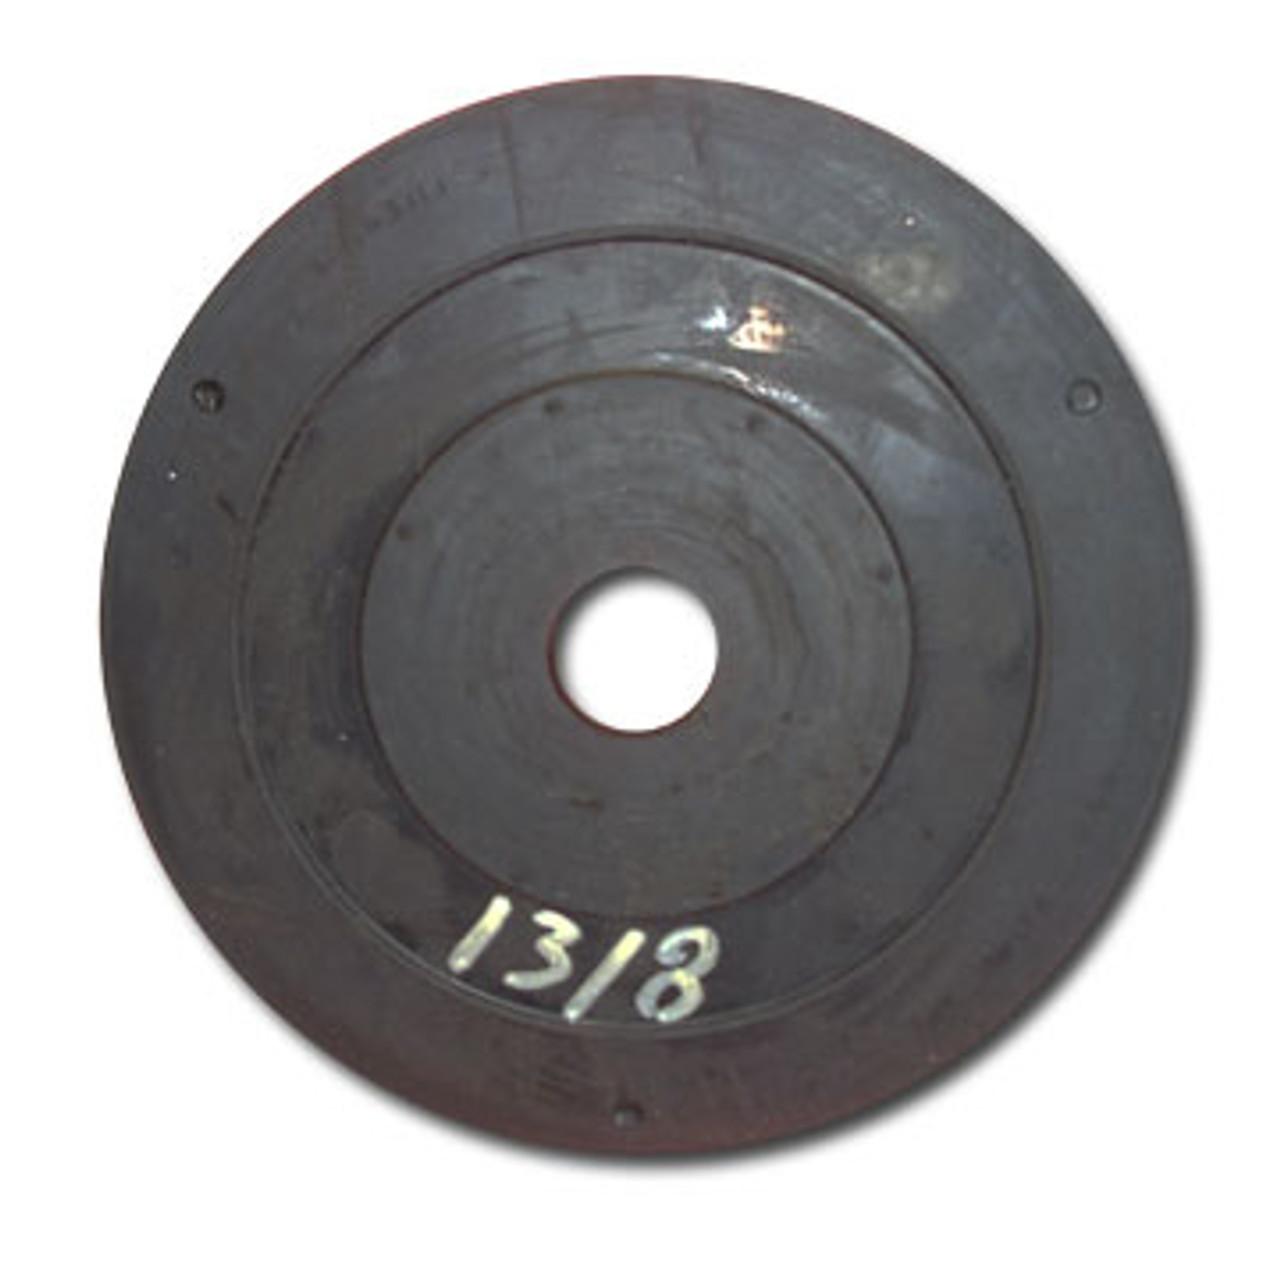 """RW 1.37 Rod Wiper 1.37"""" Rod Size 1.66"""" Fits DW 820, 920, VM 7x11, 10x15 and Case D-6"""